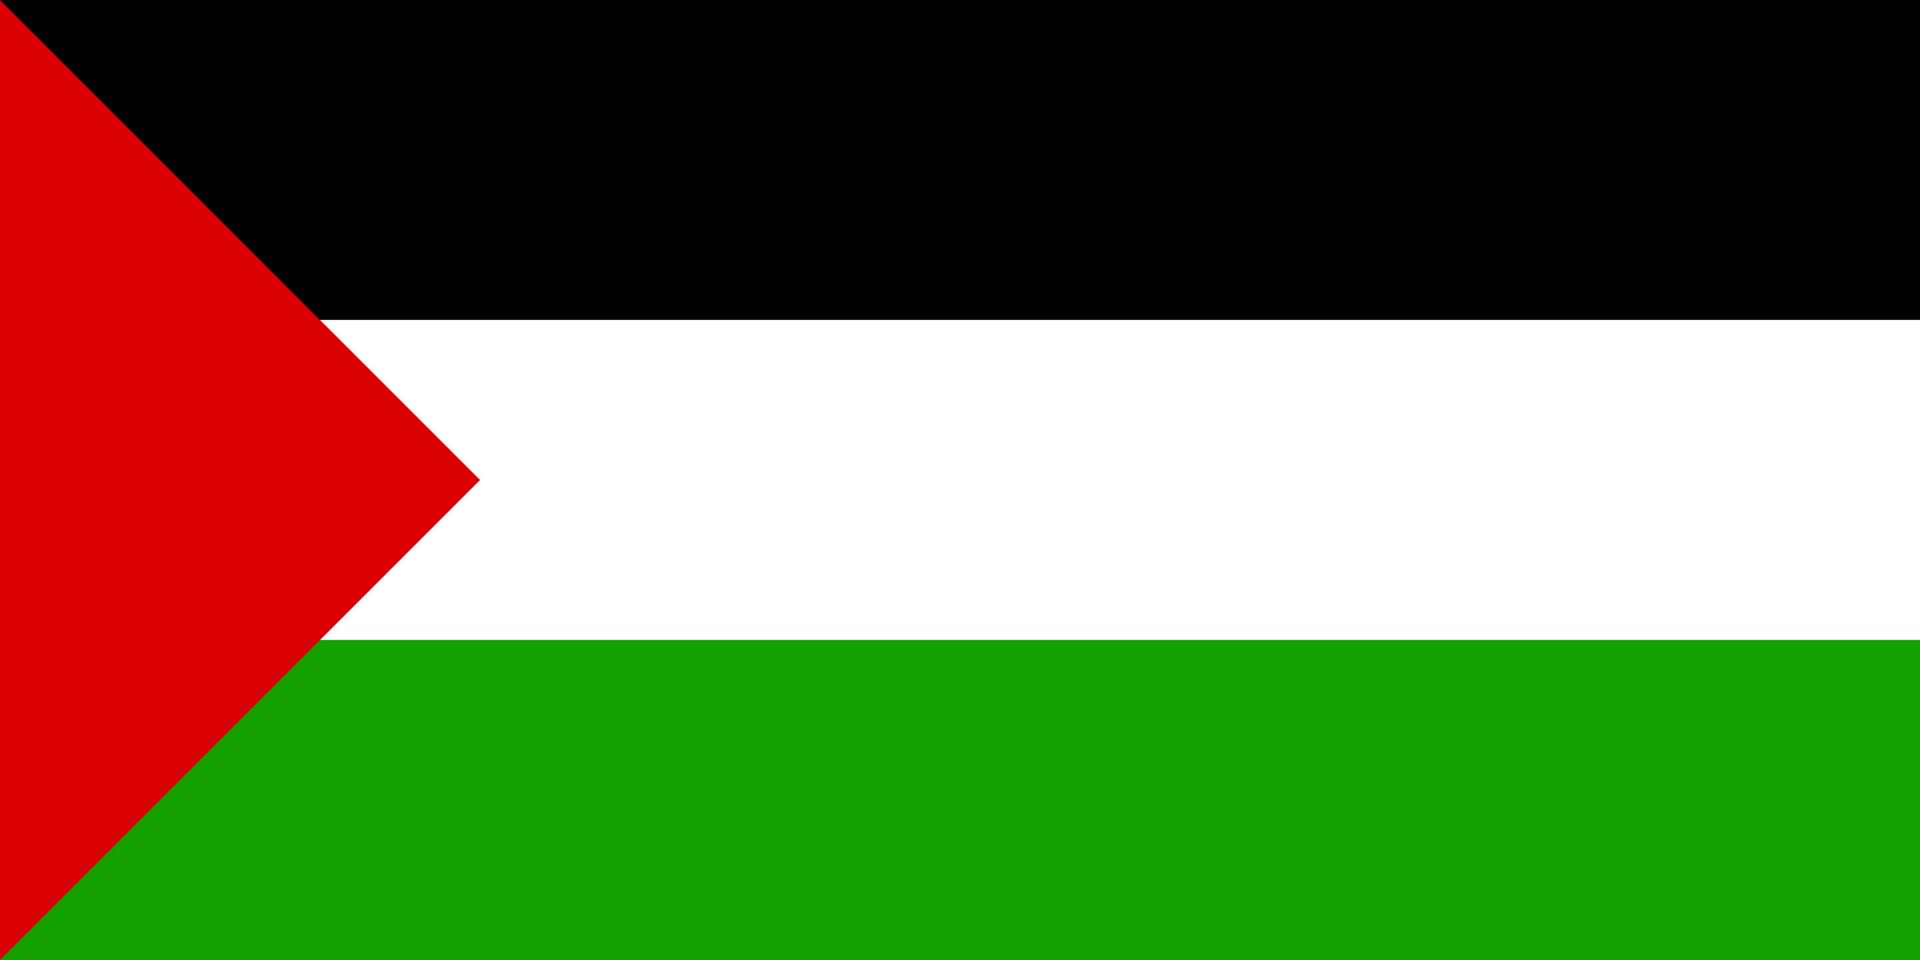 صور علم فلسطين أجمل صور العلم الفلسطيني - عالم الصور